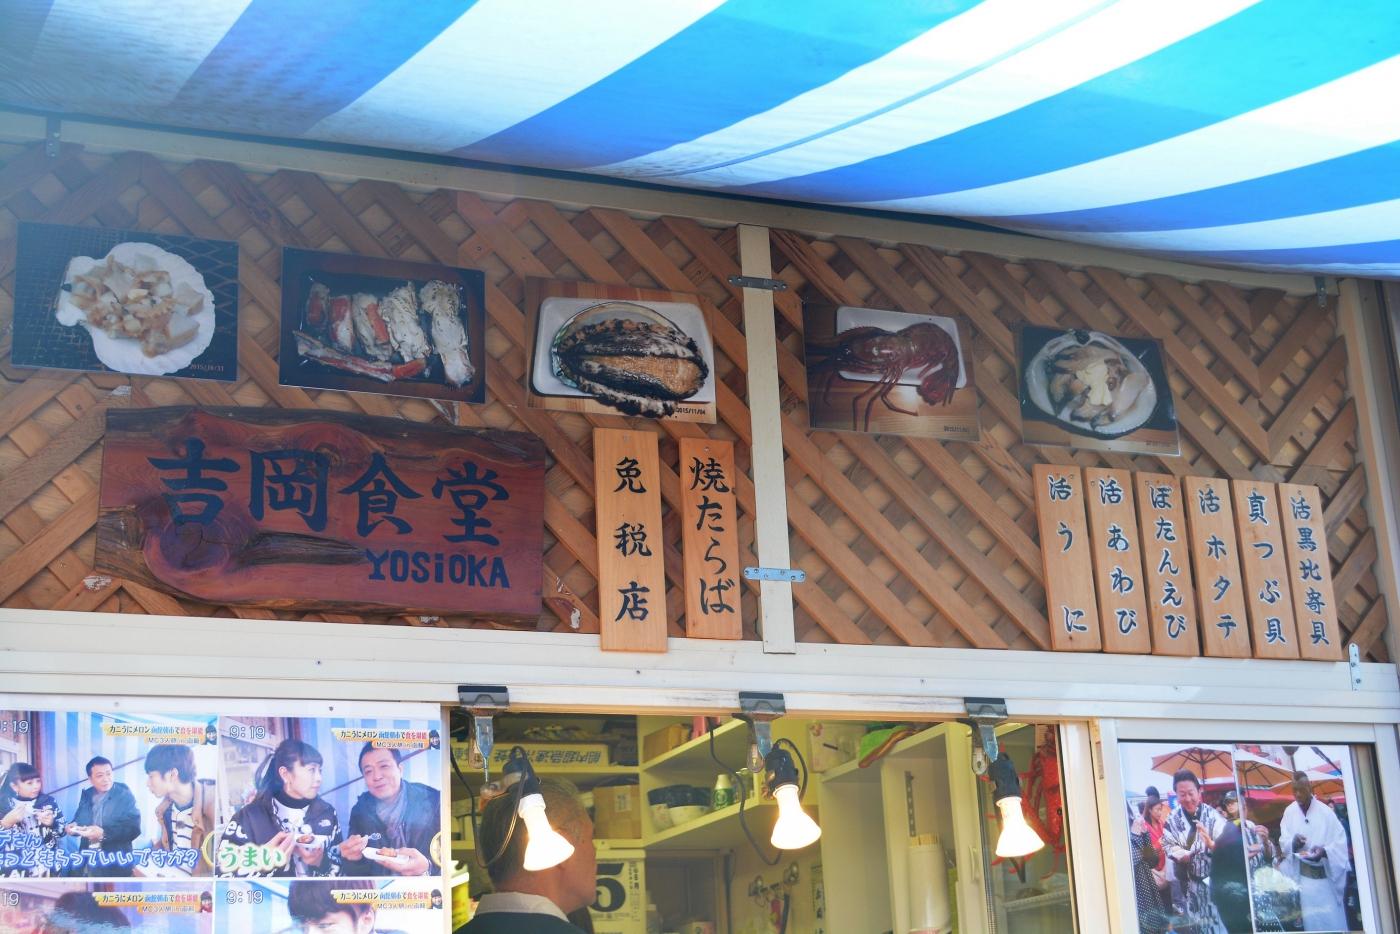 北海道自駕游 - 函館食篇_圖1-27